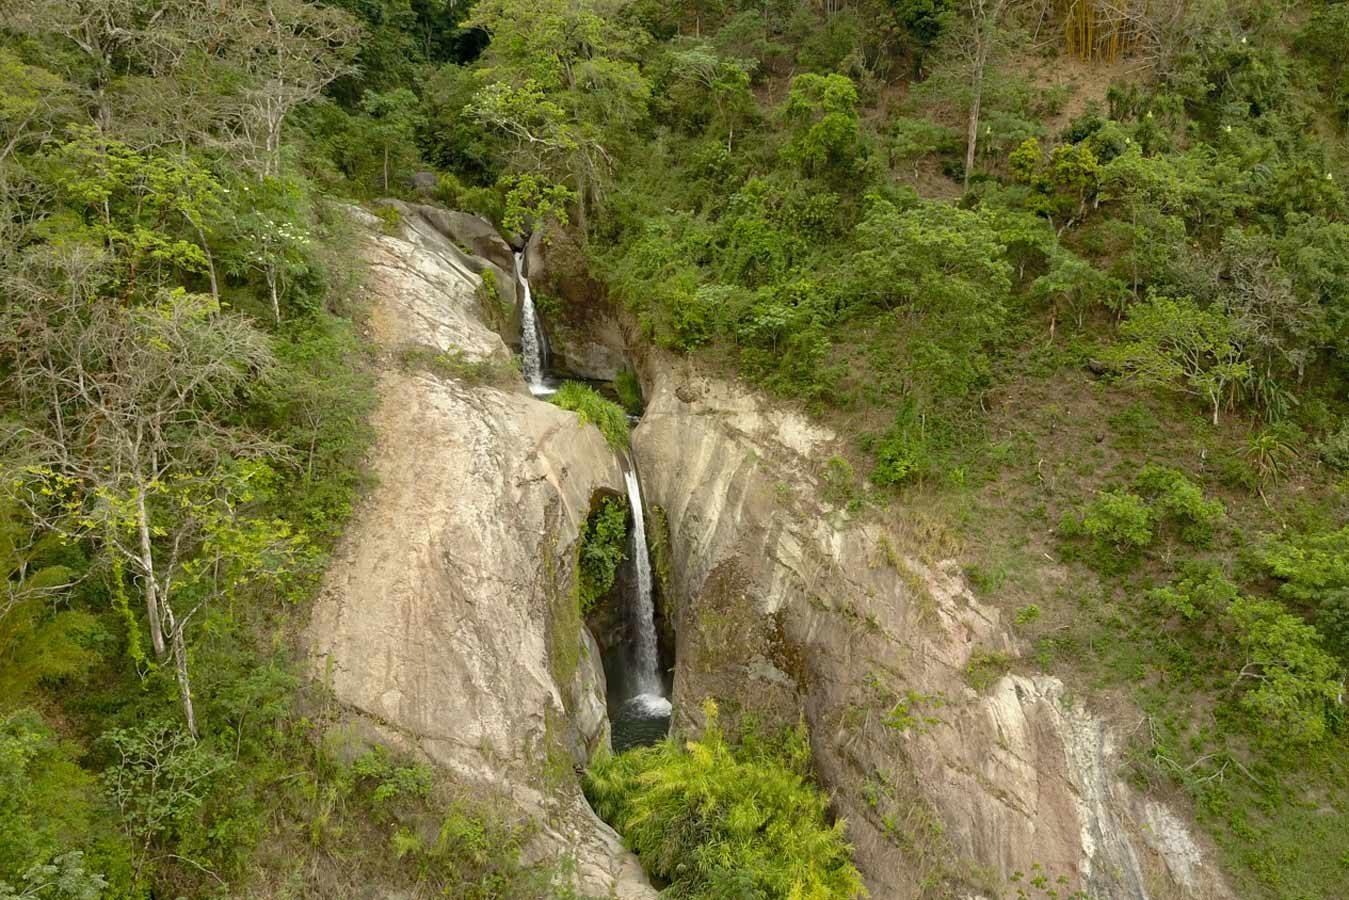 cerro ojo de agua y catarata la maravilla qbl